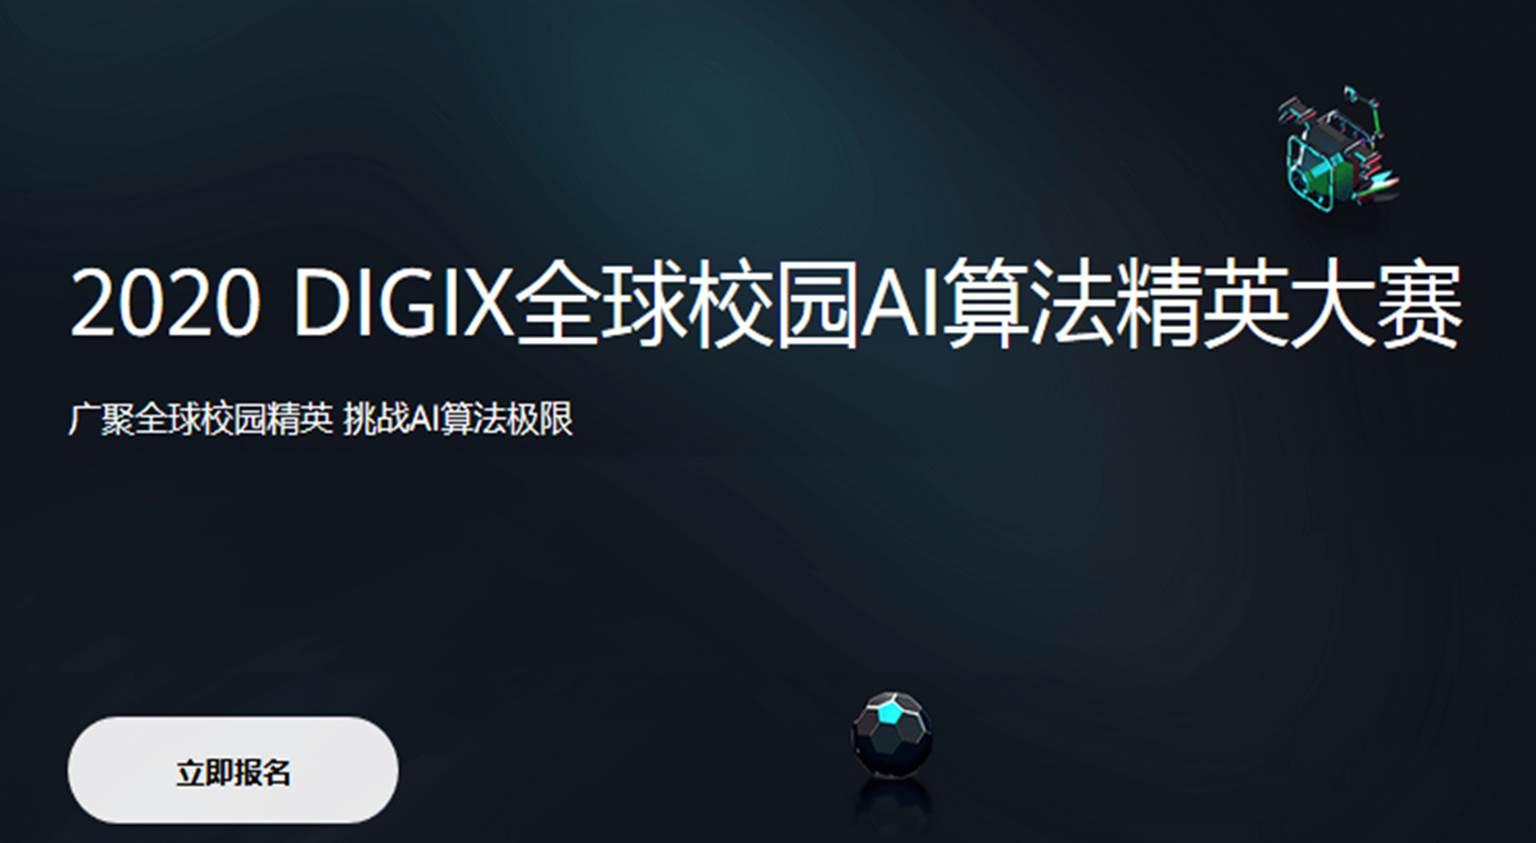 2020年第二届DIGIX全球校园AI算法精英大赛